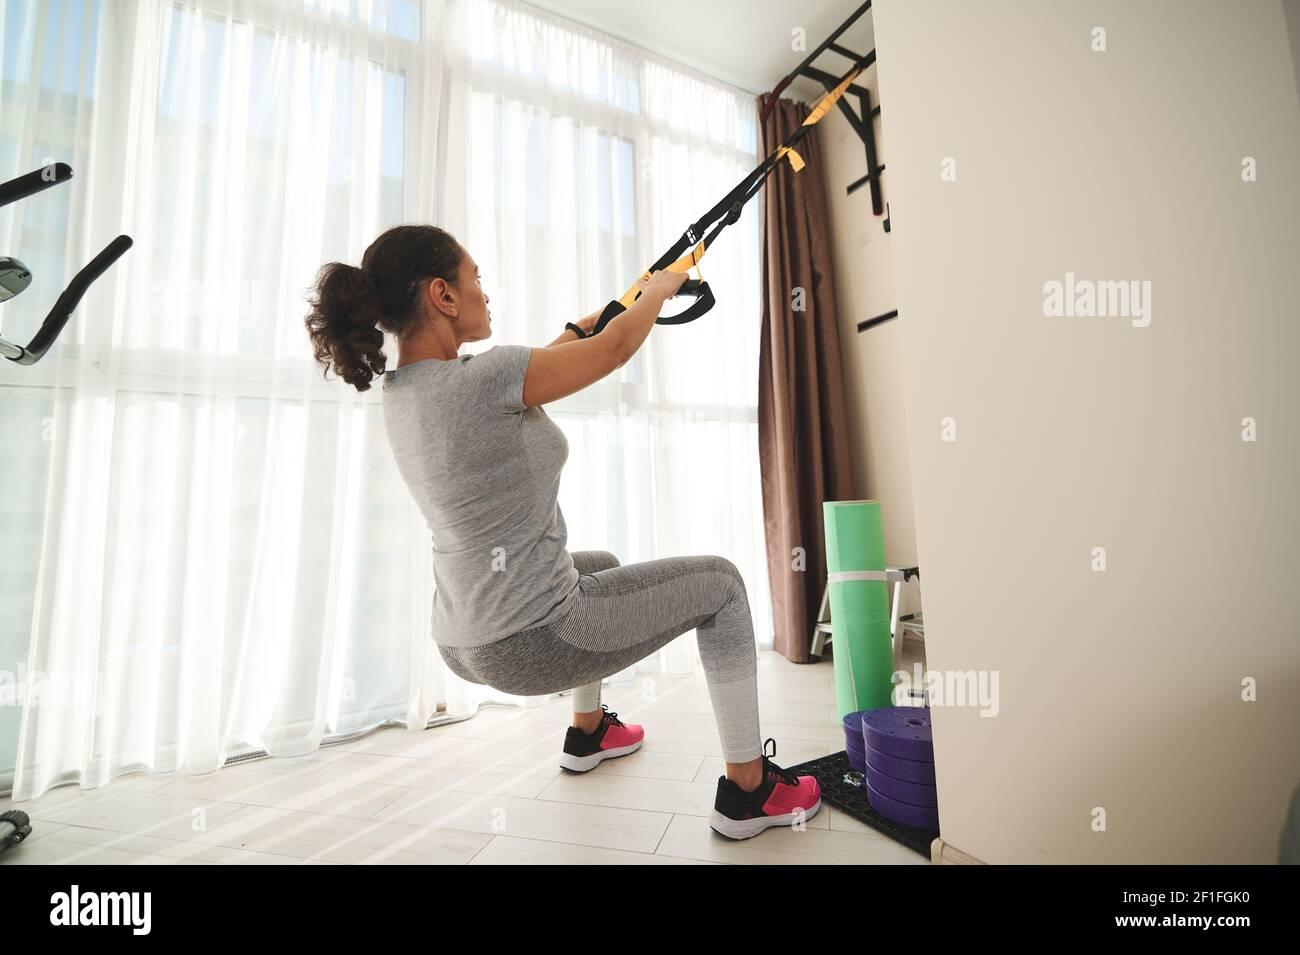 Una ragazza sportiva che esegue l'allenamento con le sospensioni con cinghie fitness a casa. Fit donna che allenano i muscoli delle gambe. Concetto di stile di vita sano e snellimento WO Foto Stock